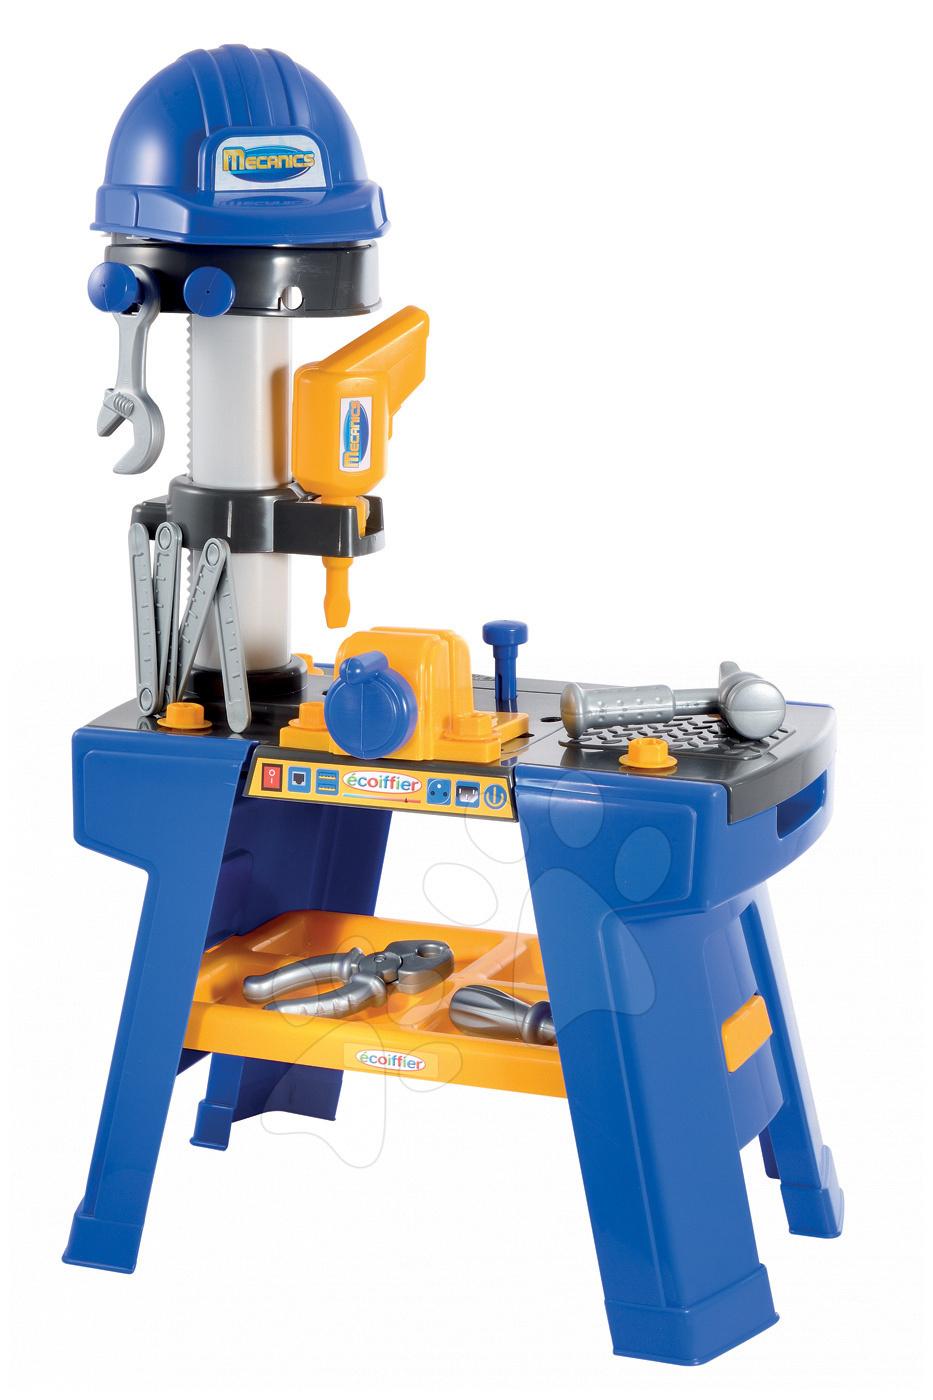 Pracovná detská dielňa - Pracovná dielňa Mecanics Écoiffier s prilbou s 25 doplnkami od 18 mes